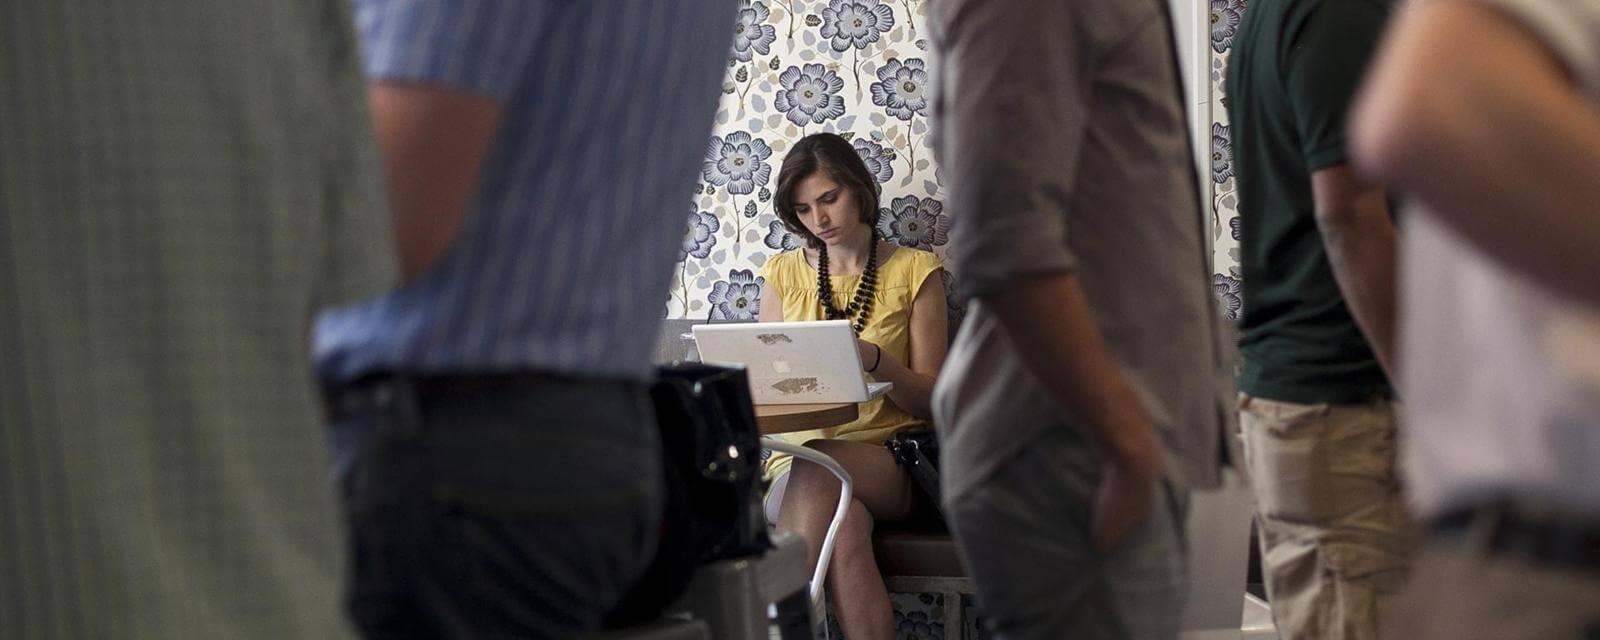 Como as telecomunicações irão modificar nossas vidas profissionais